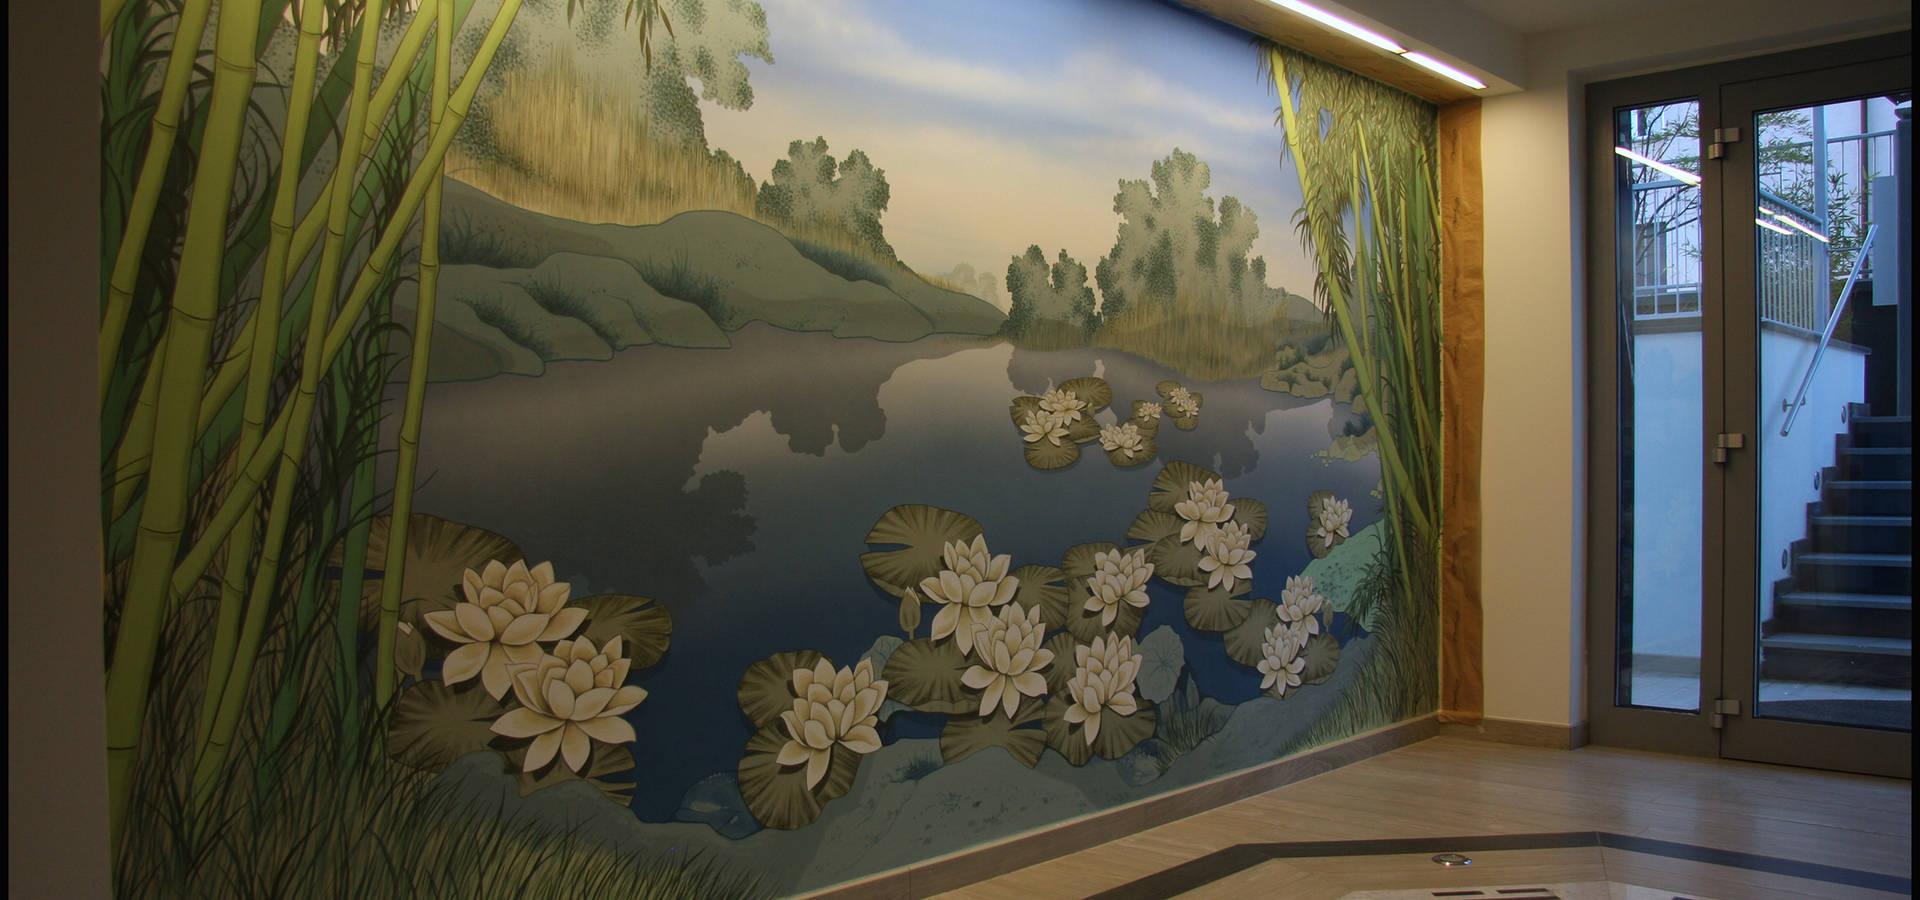 Decorazioni Camera Da Letto decorazione camera da letto di tiziano colombo | homify